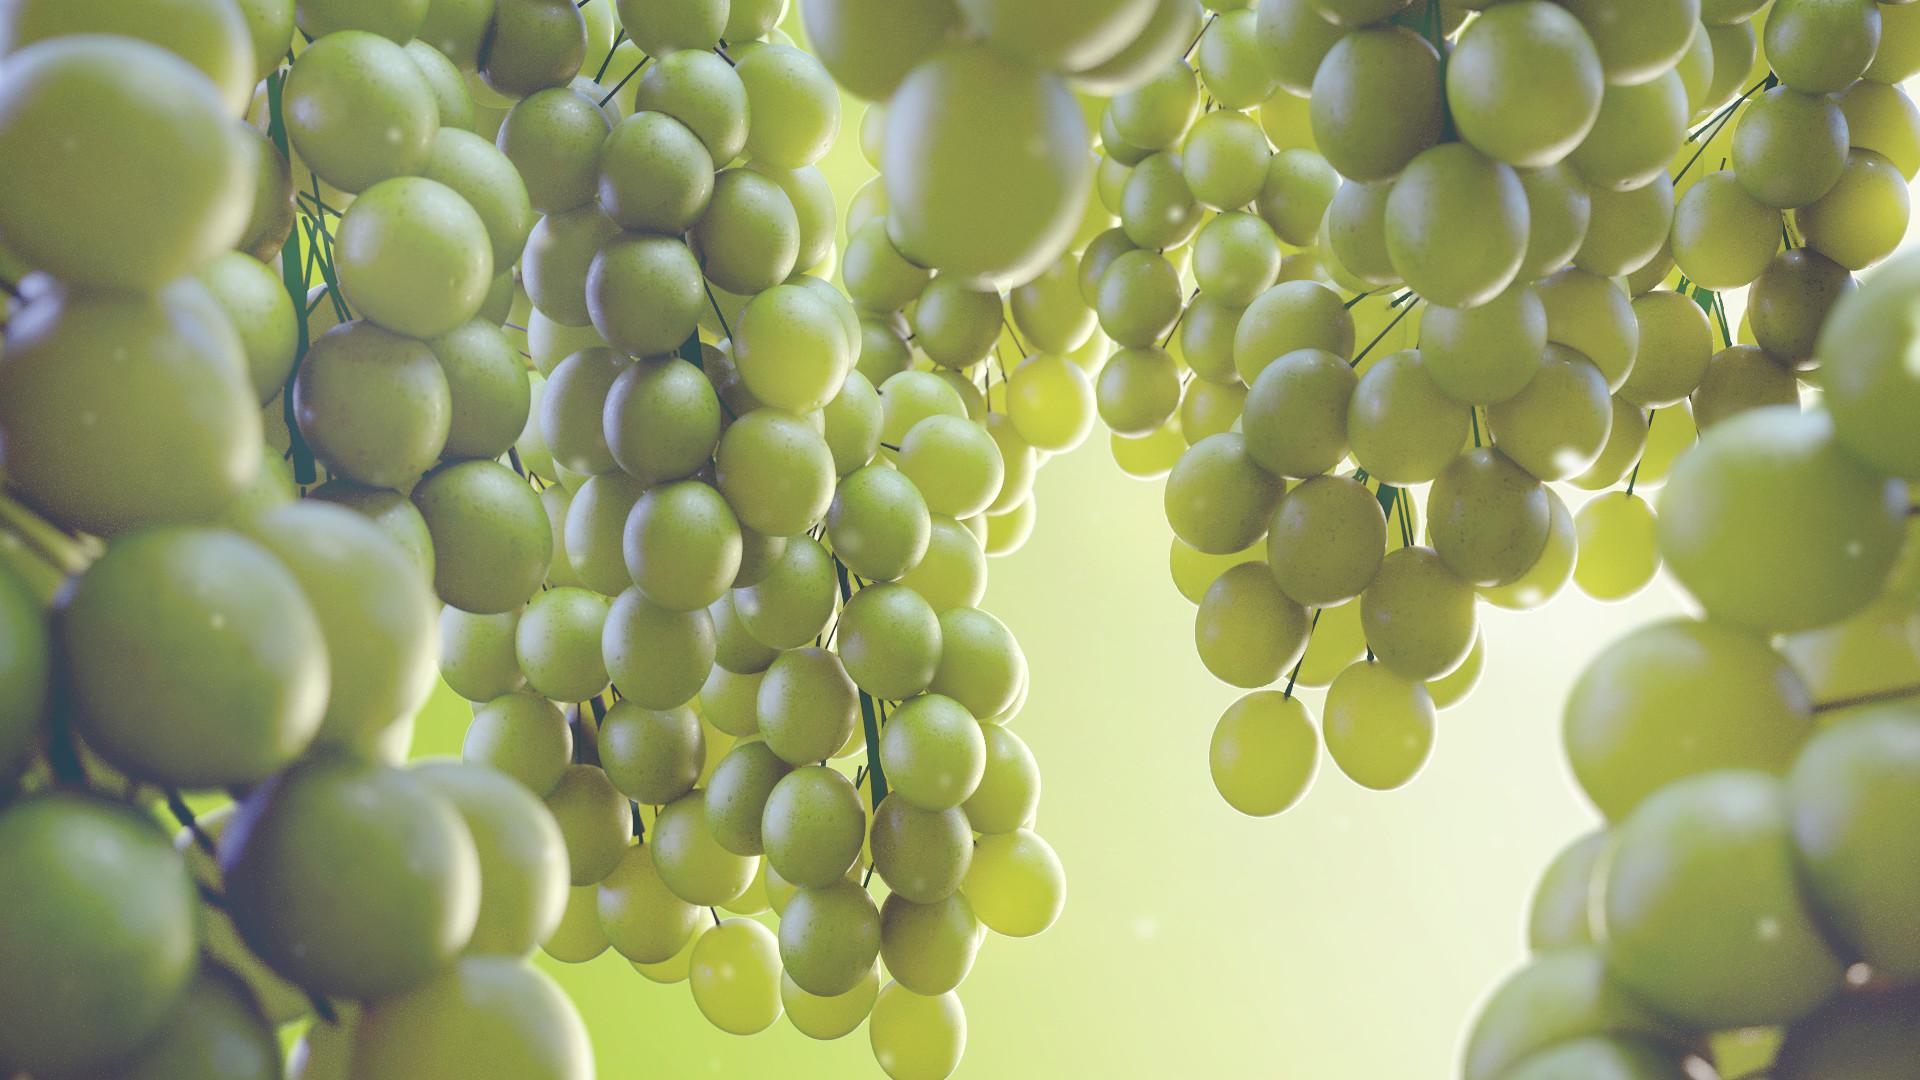 Rakan khamash grapes final redshift